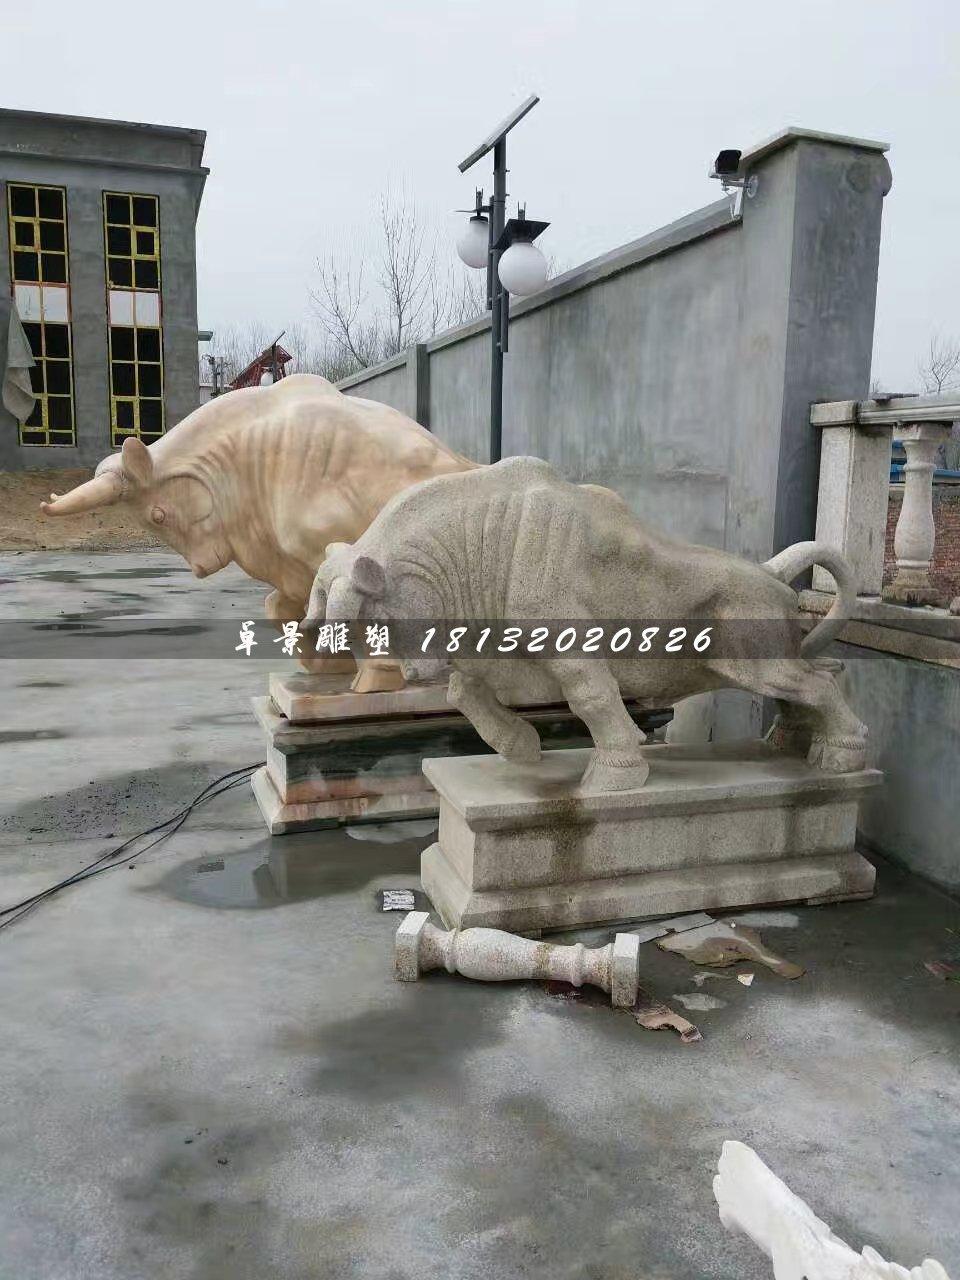 石雕牛,大理石开荒牛雕塑